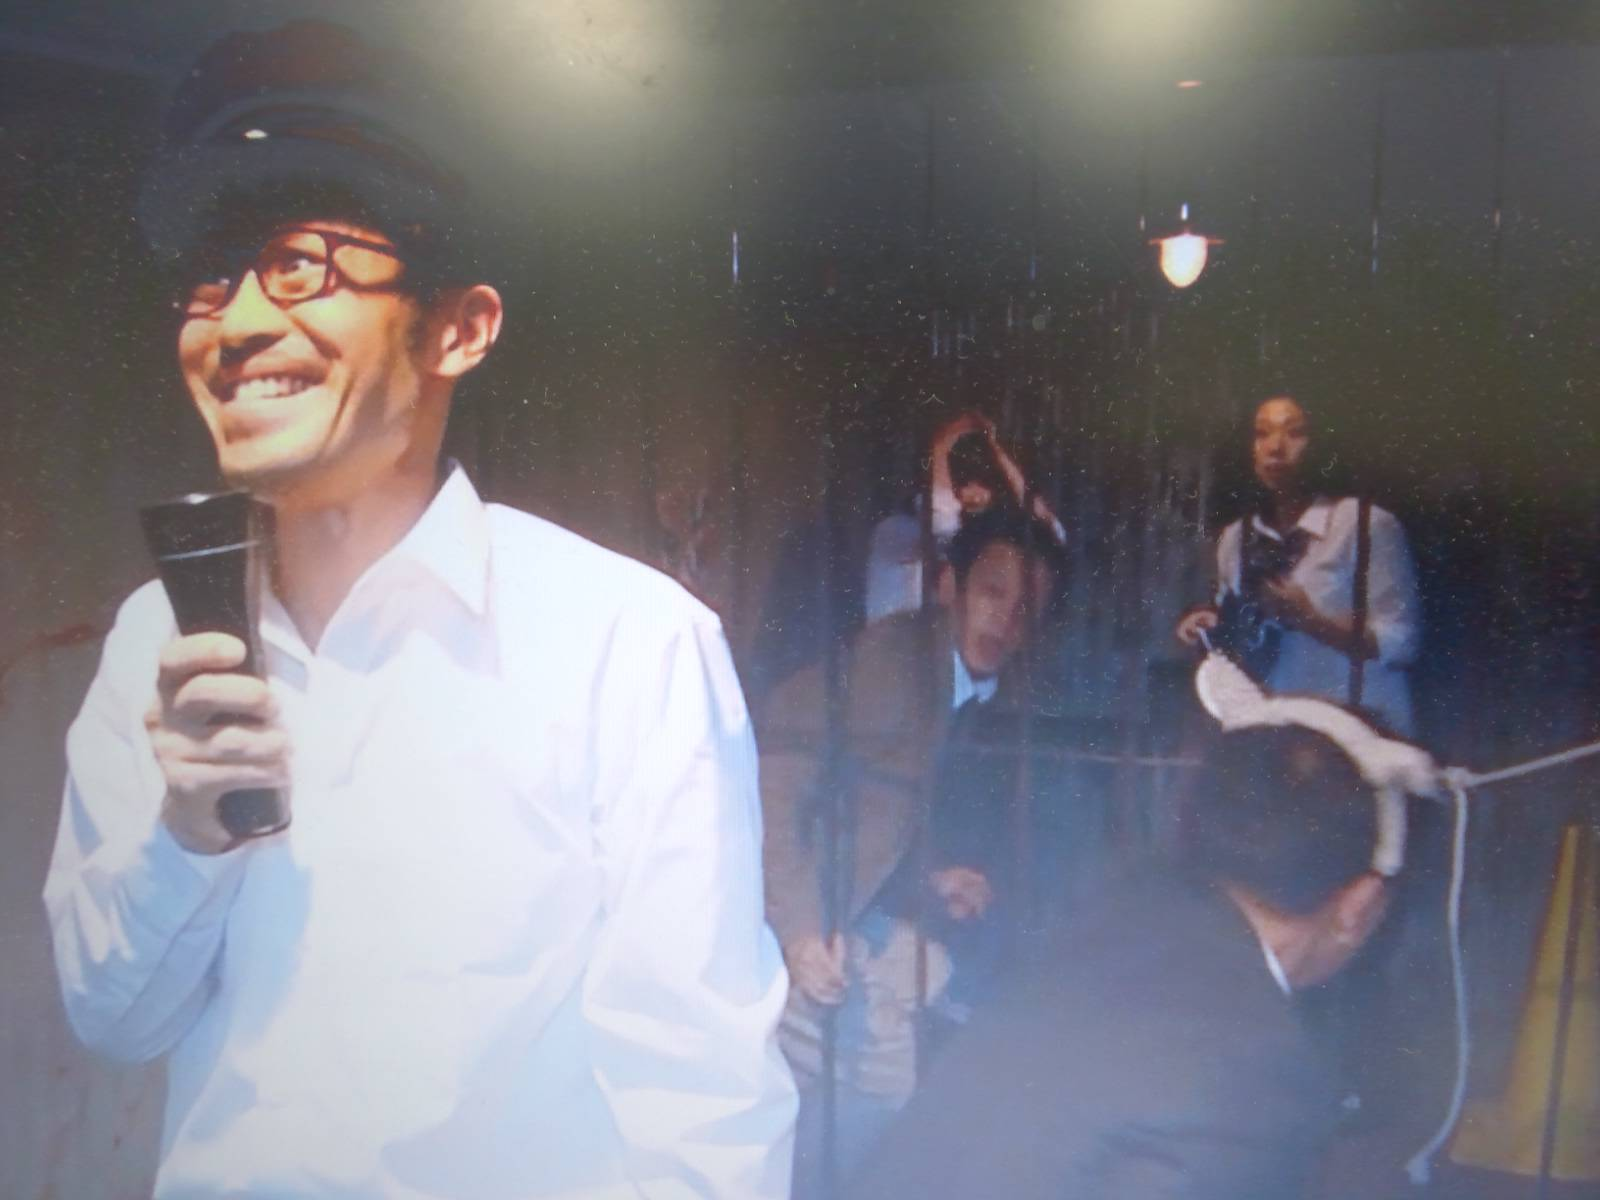 アイアンガール〜ULTIMATE WEAPON〜/アナあき姫殺人事件/ジョーカー・ゲーム